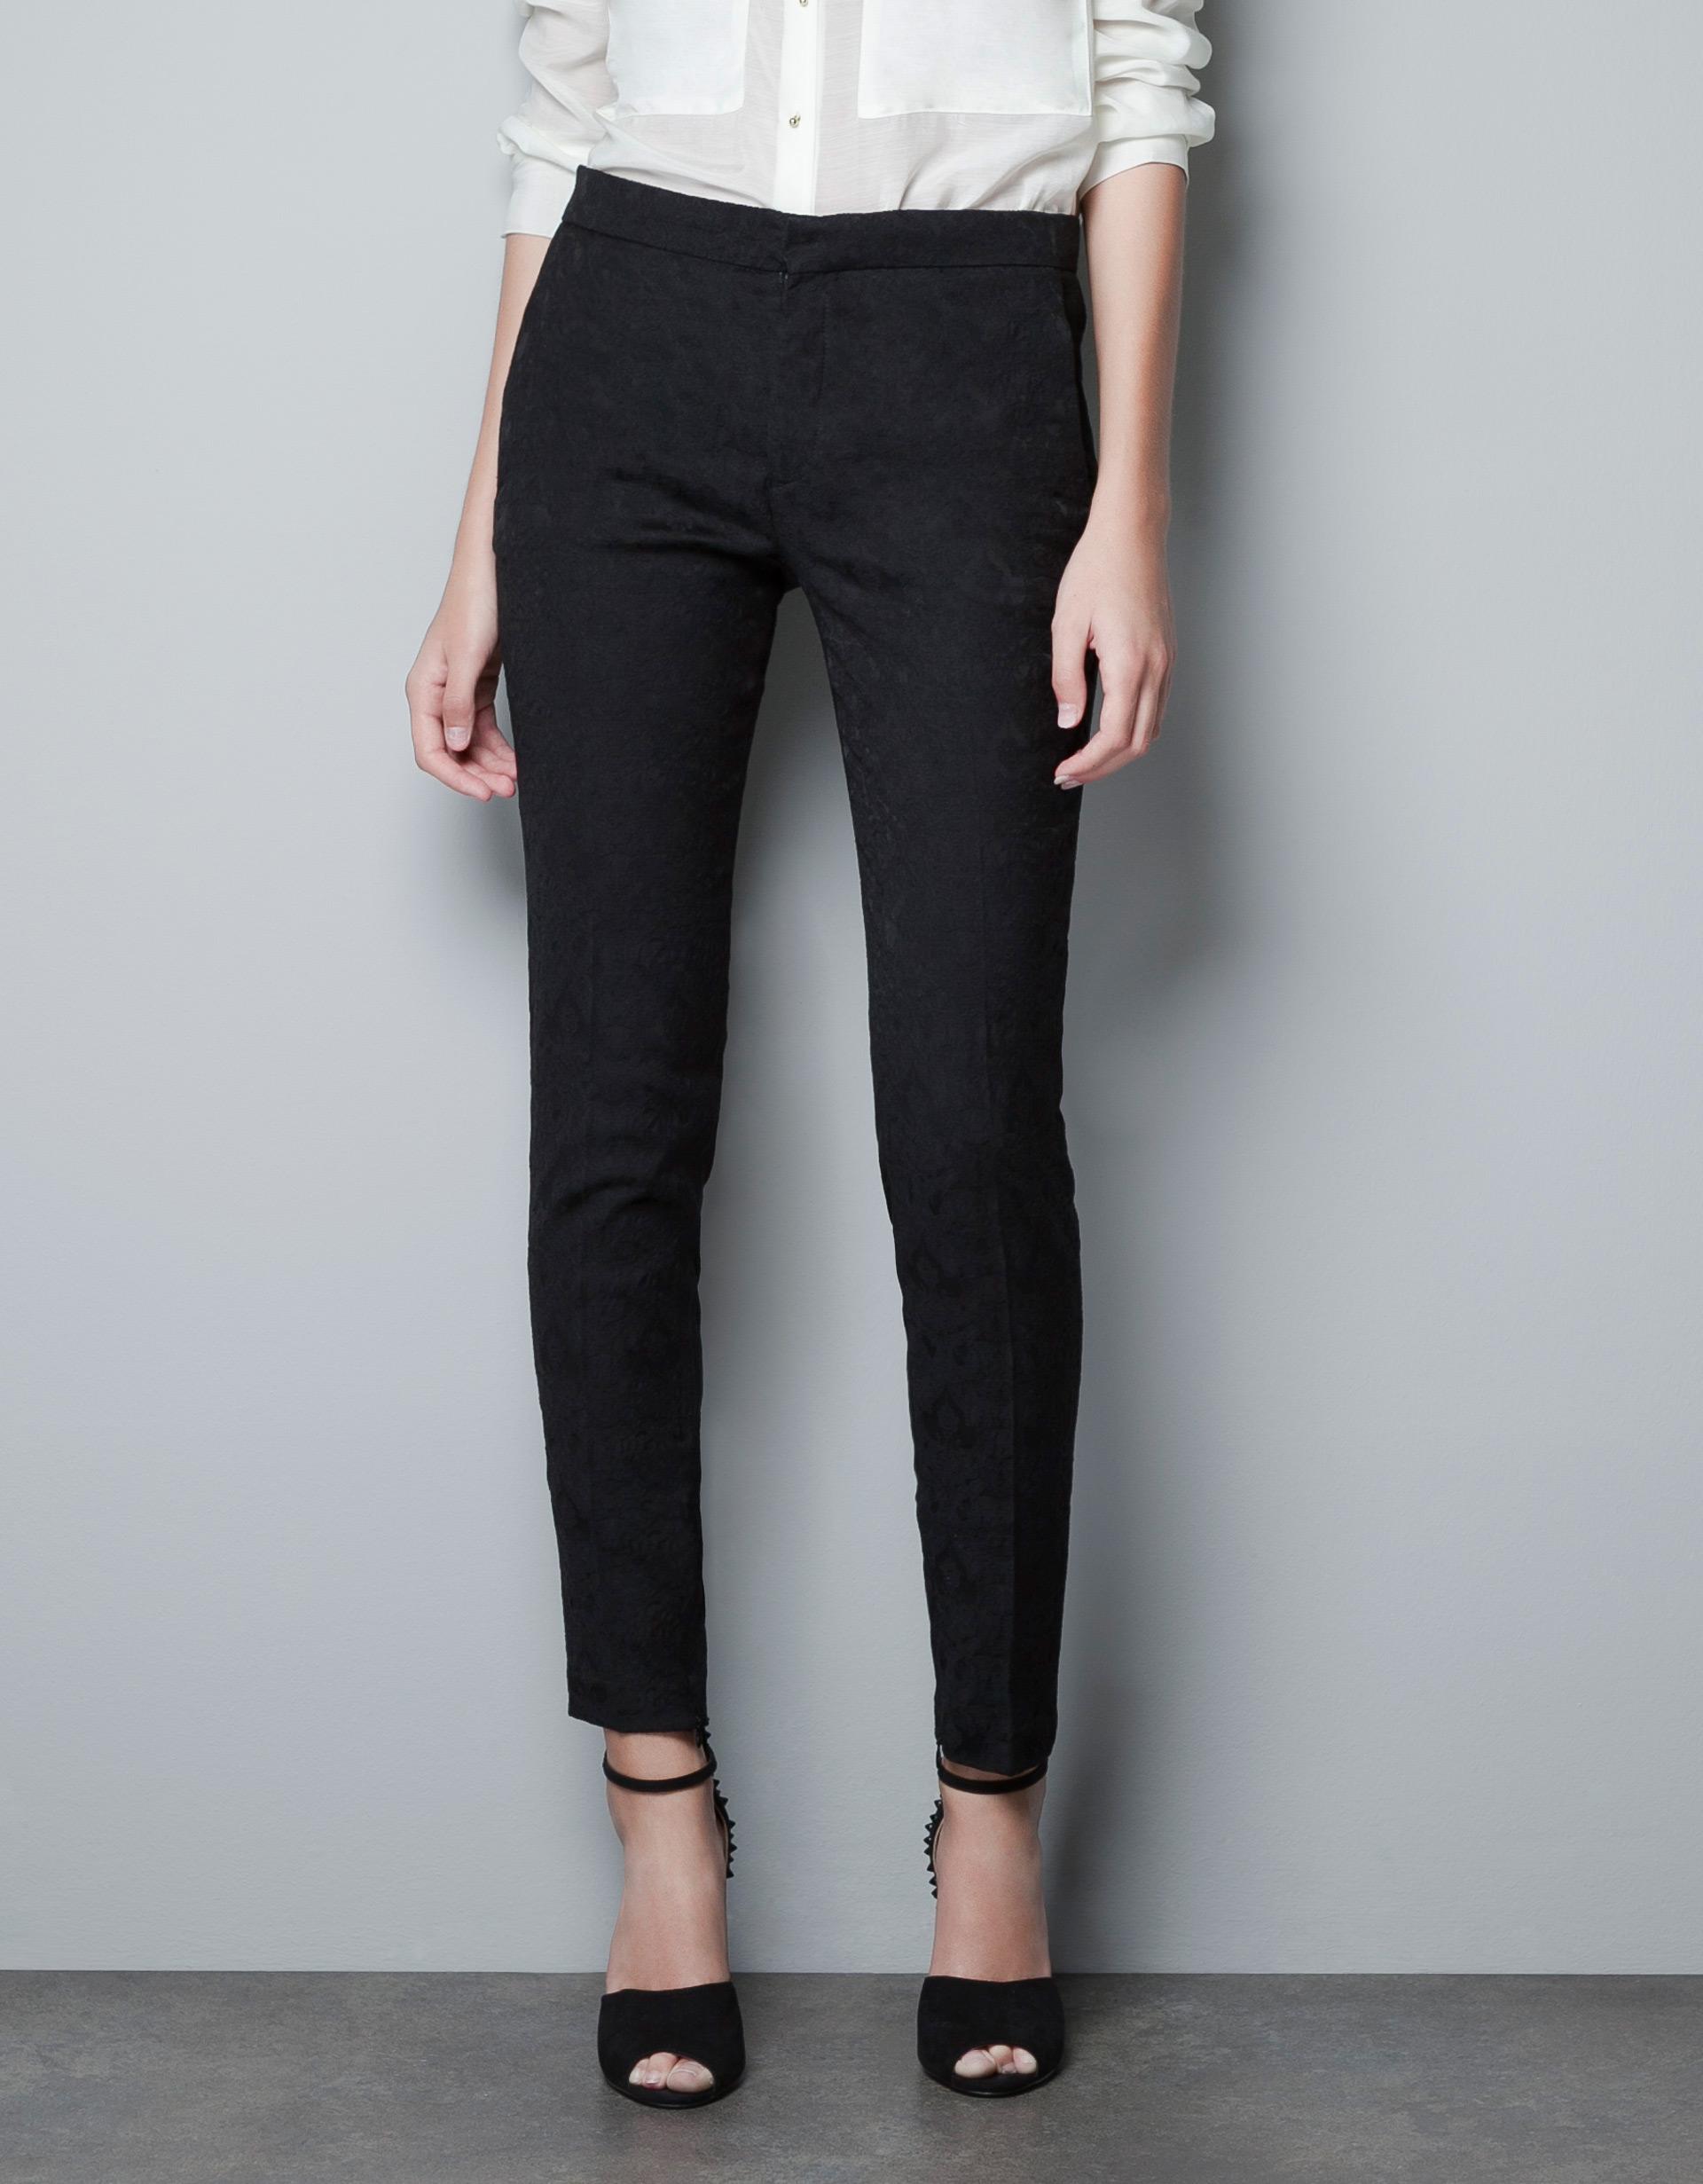 Zara Skinny Jacquard Pants In Black | Lyst